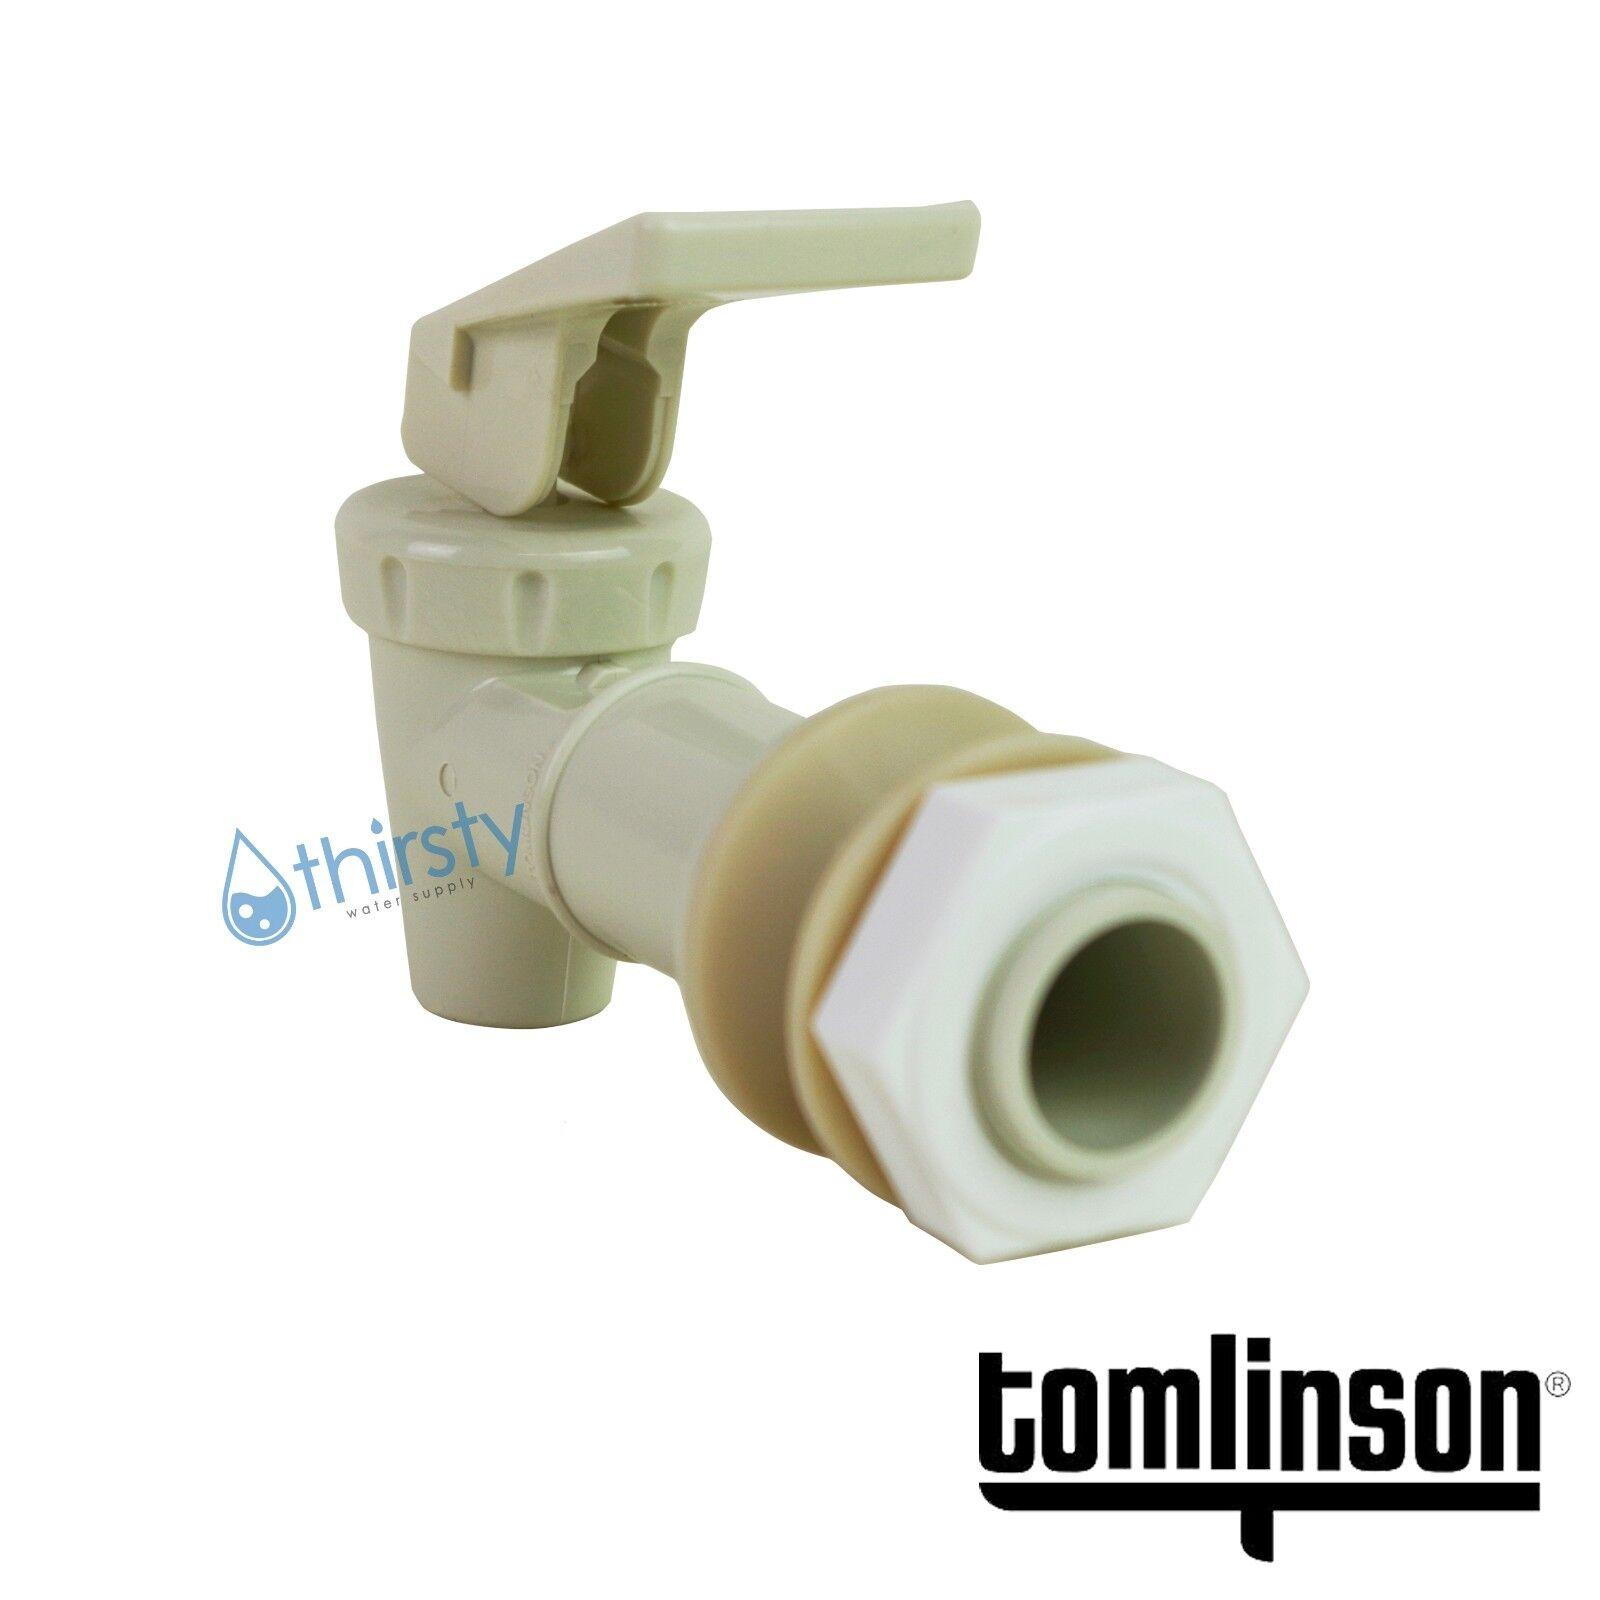 TOMLINSON SPIGOT WATER Crock Replacement Spigot Faucet Dispenser ...